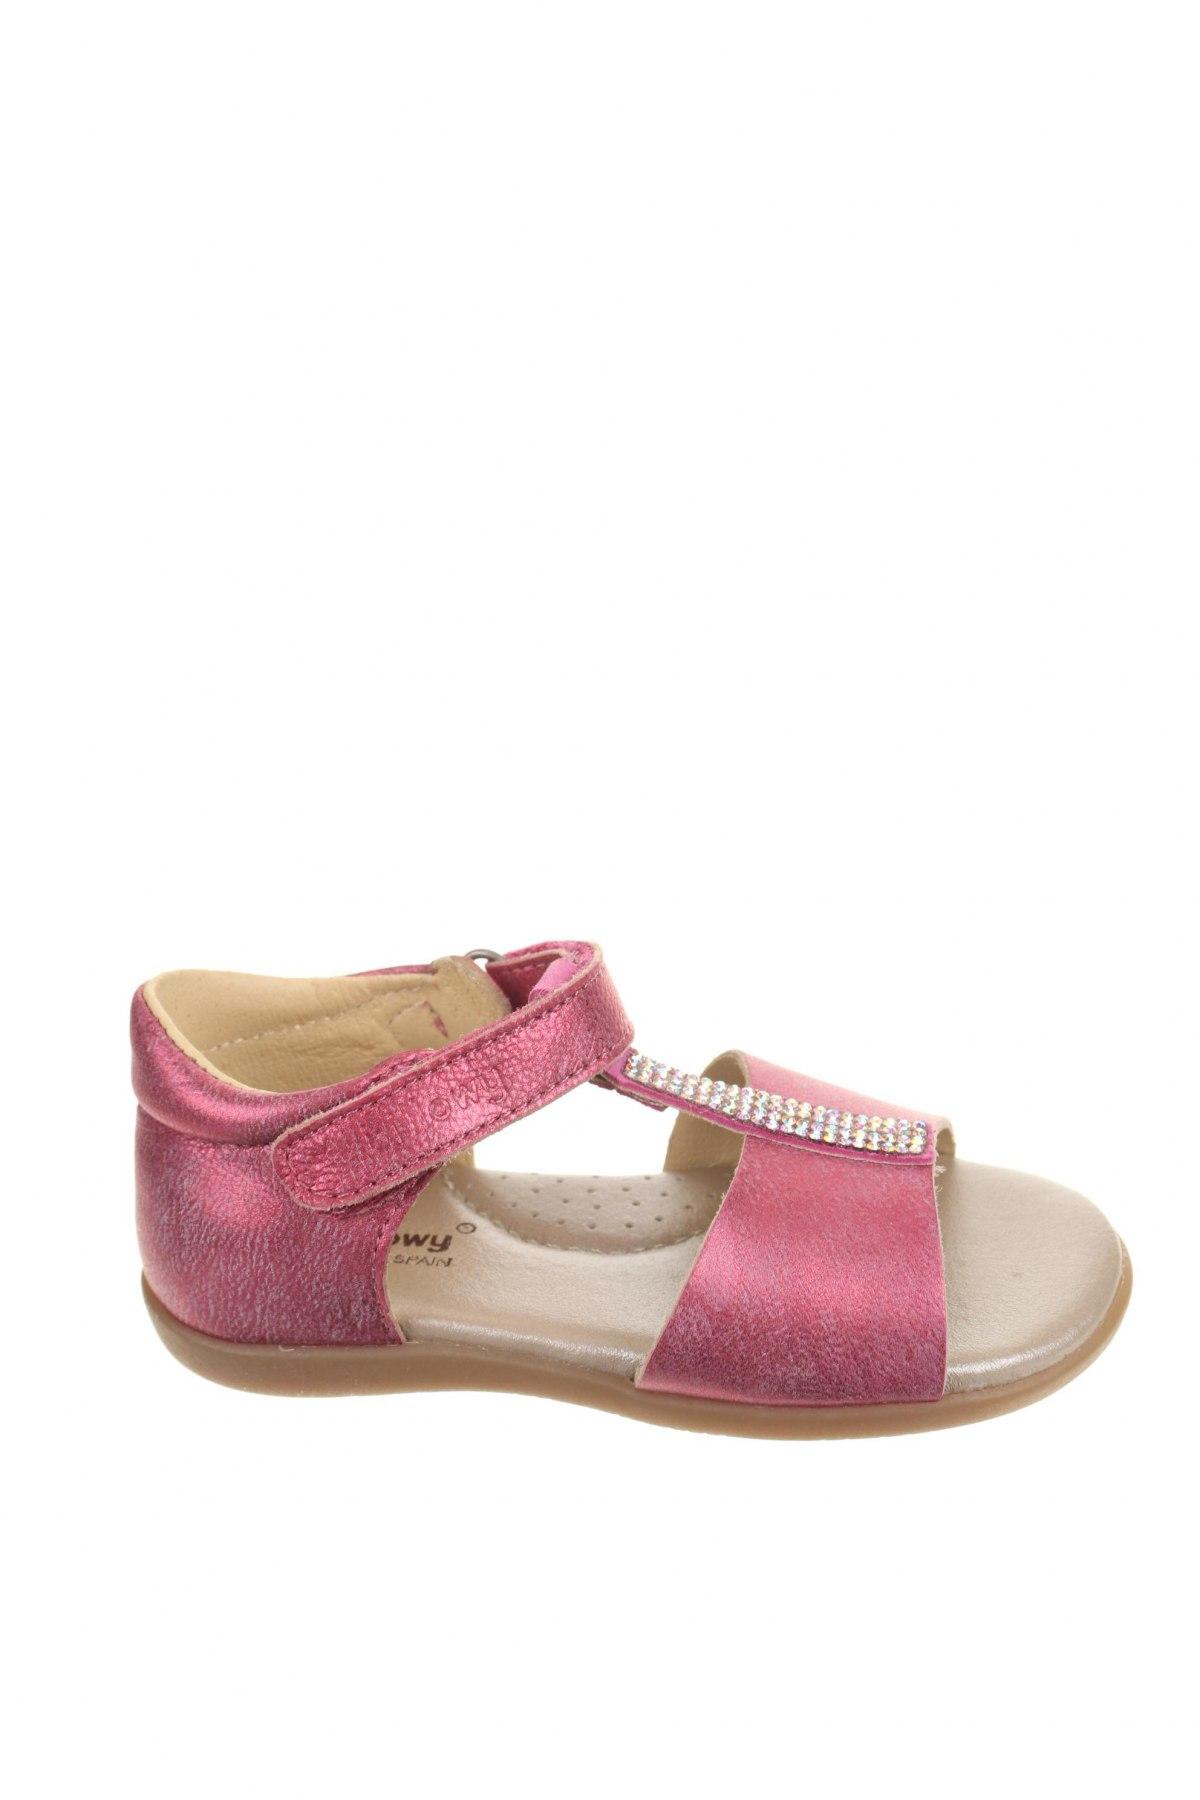 Παιδικά σανδάλια Billowy, Μέγεθος 23, Χρώμα Ρόζ , Γνήσιο δέρμα, Τιμή 27,74€